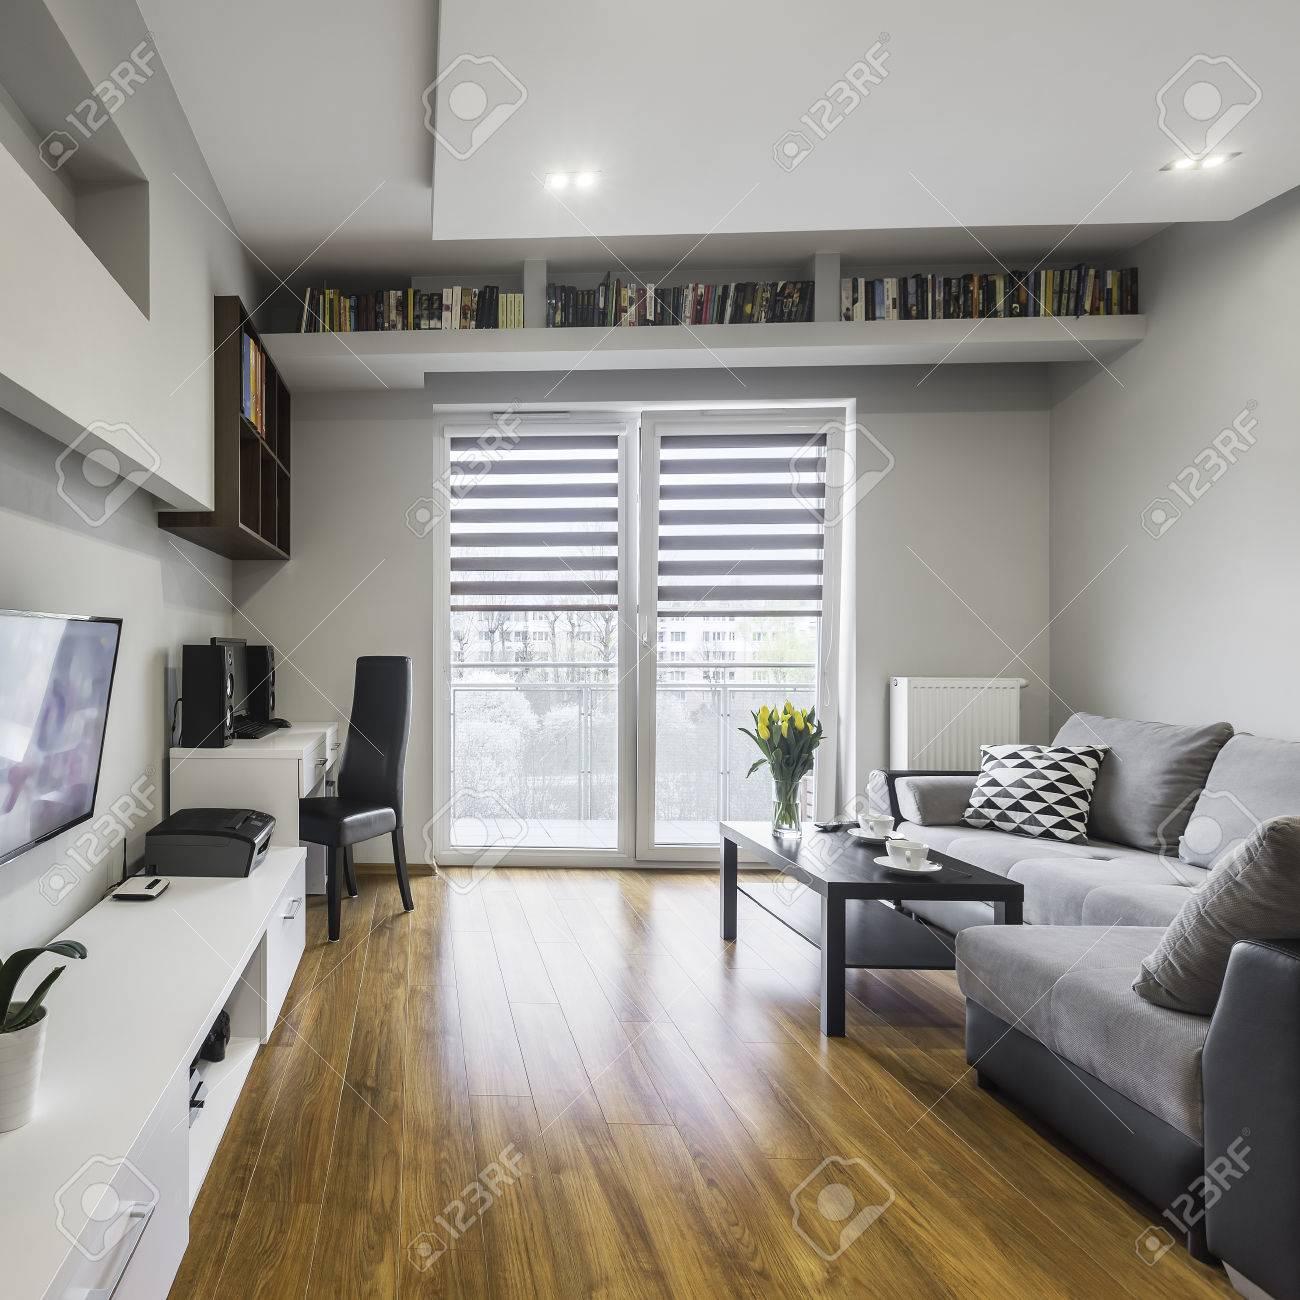 Das Stilvolle Und Moderne Wohnung In Der Weißen Und Grauen Farbe ...